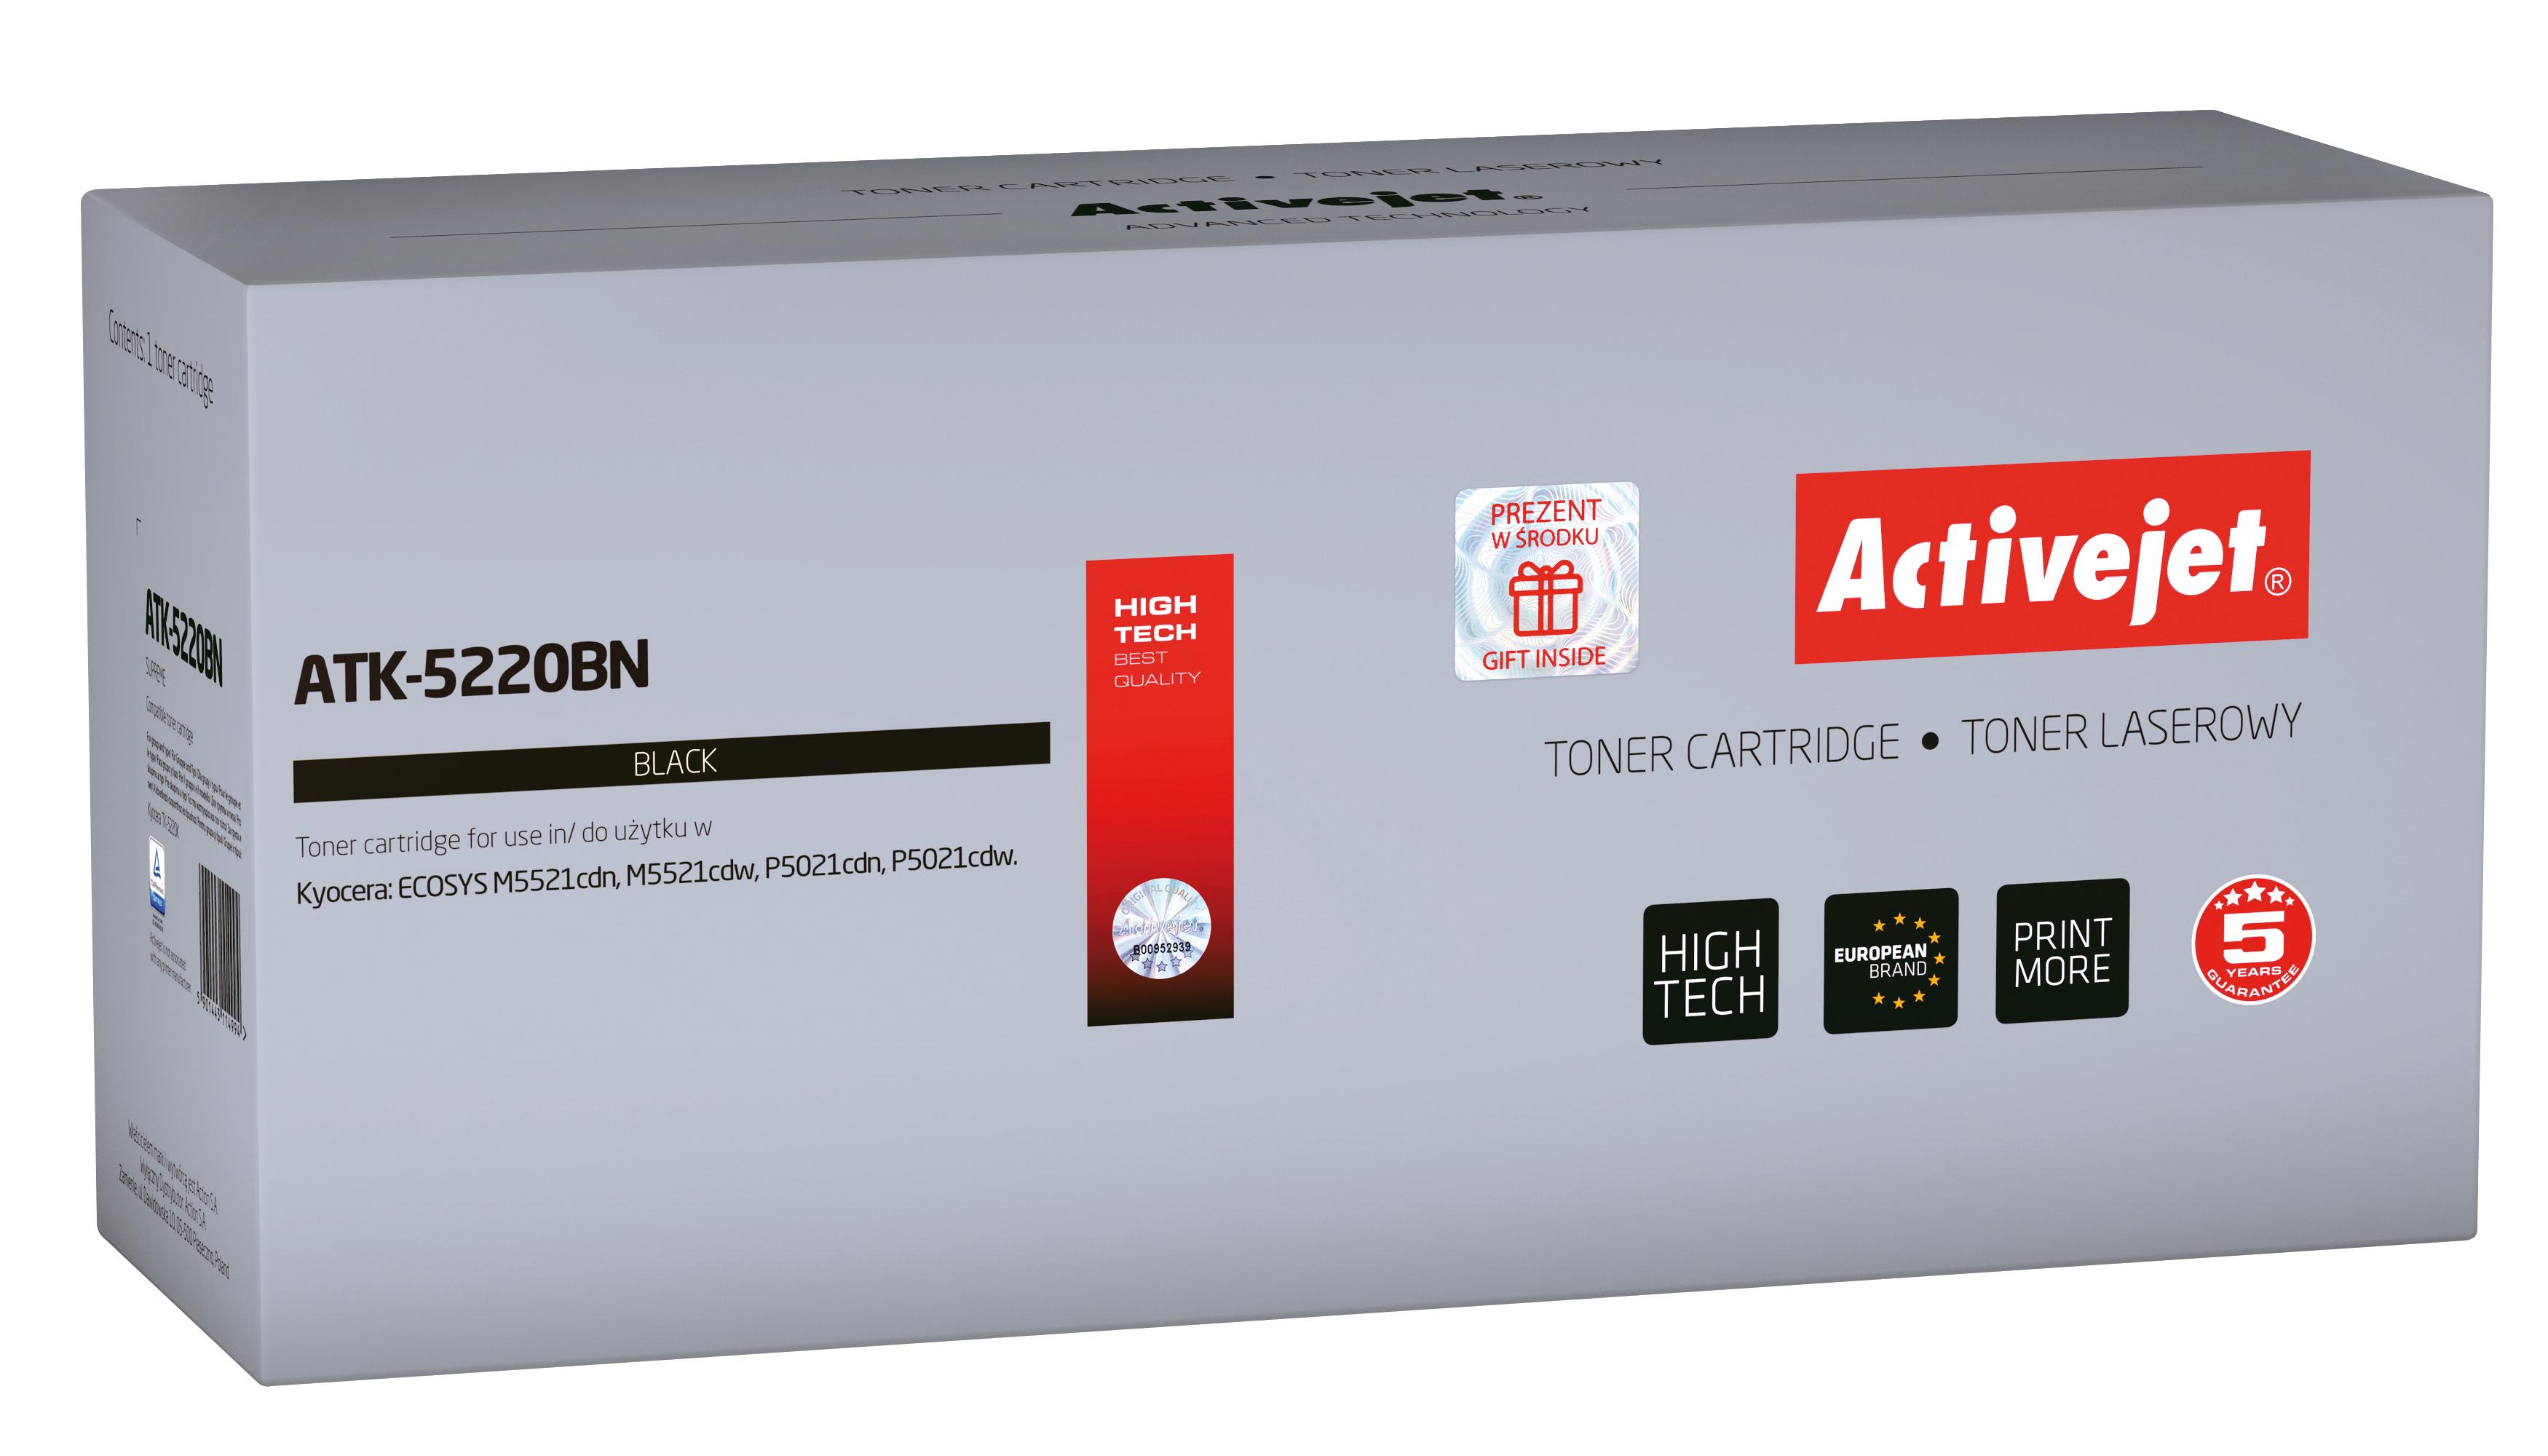 Toner Activejet  ATK-5220BN do drukarki Kyocera, Zamiennik Kyocera TK-5220K; Supreme; 1200 stron; Czarny.